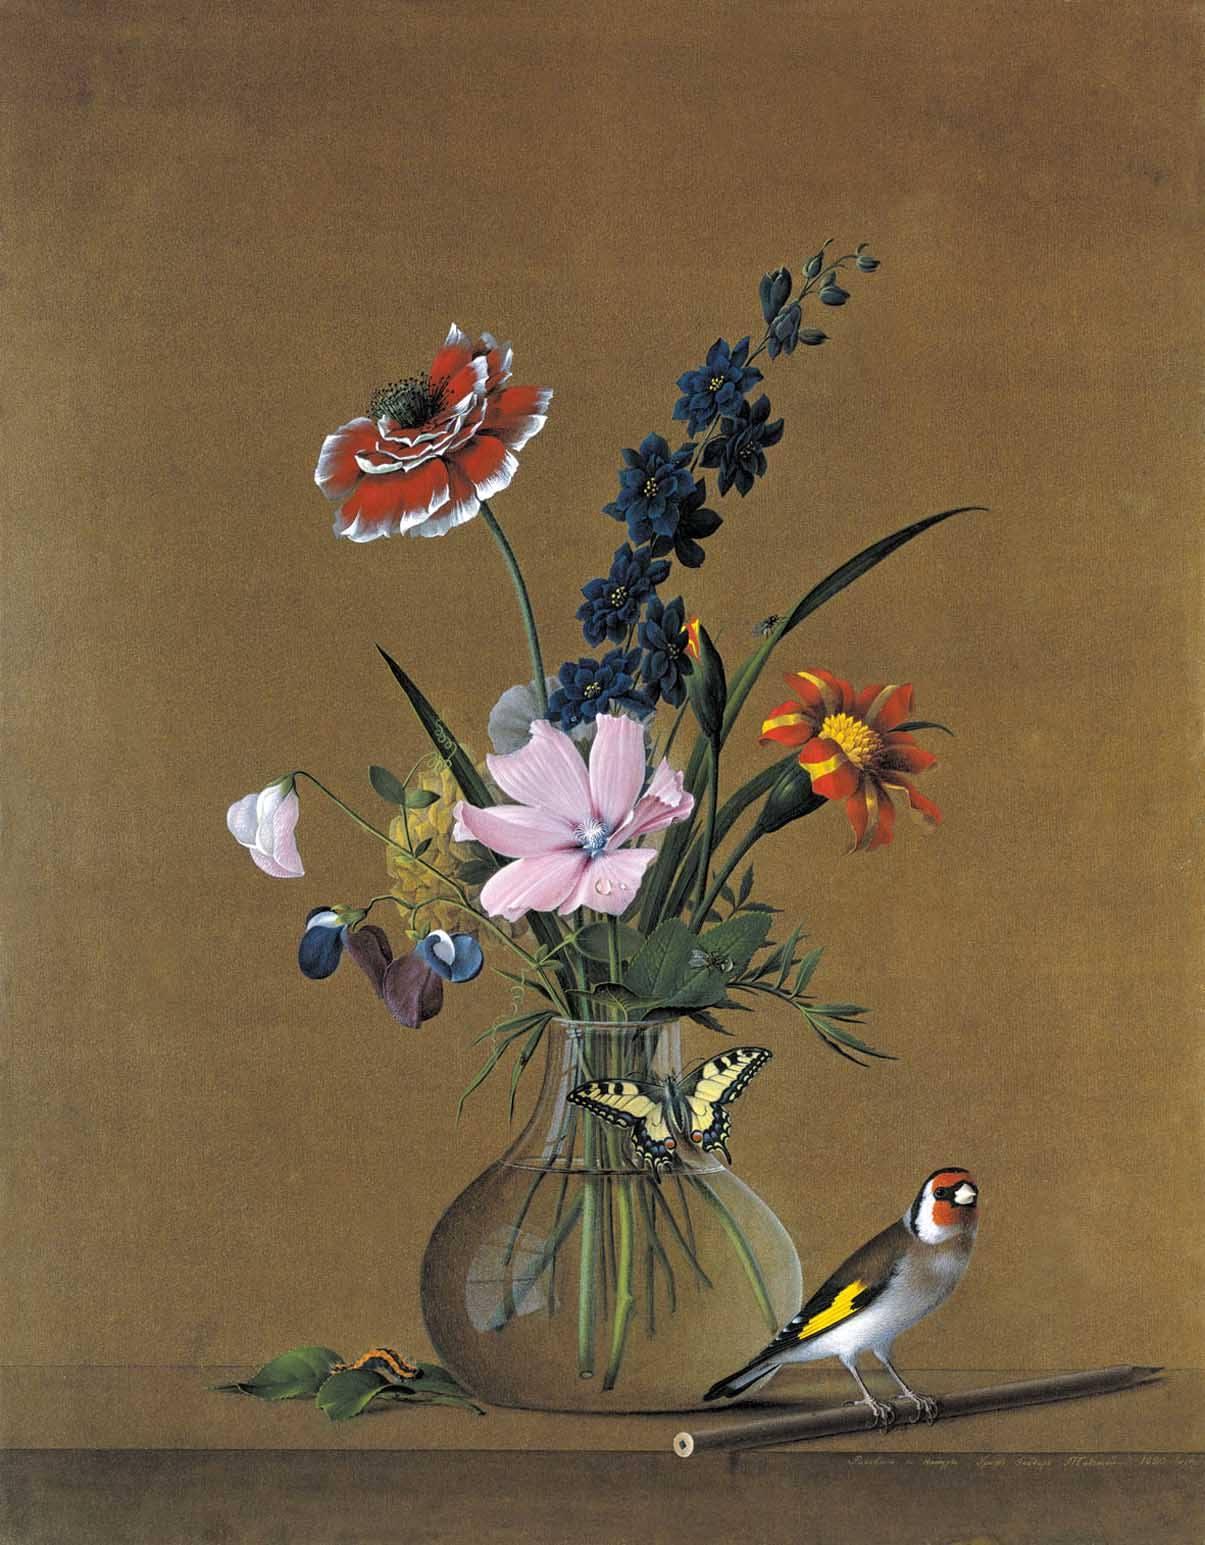 """Фёдор Петрович Толстой (1783-1873), Российская империя. """"Букет цветов, бабочка и птичка"""" (1820, гуашь, ГТГ, Москва)"""